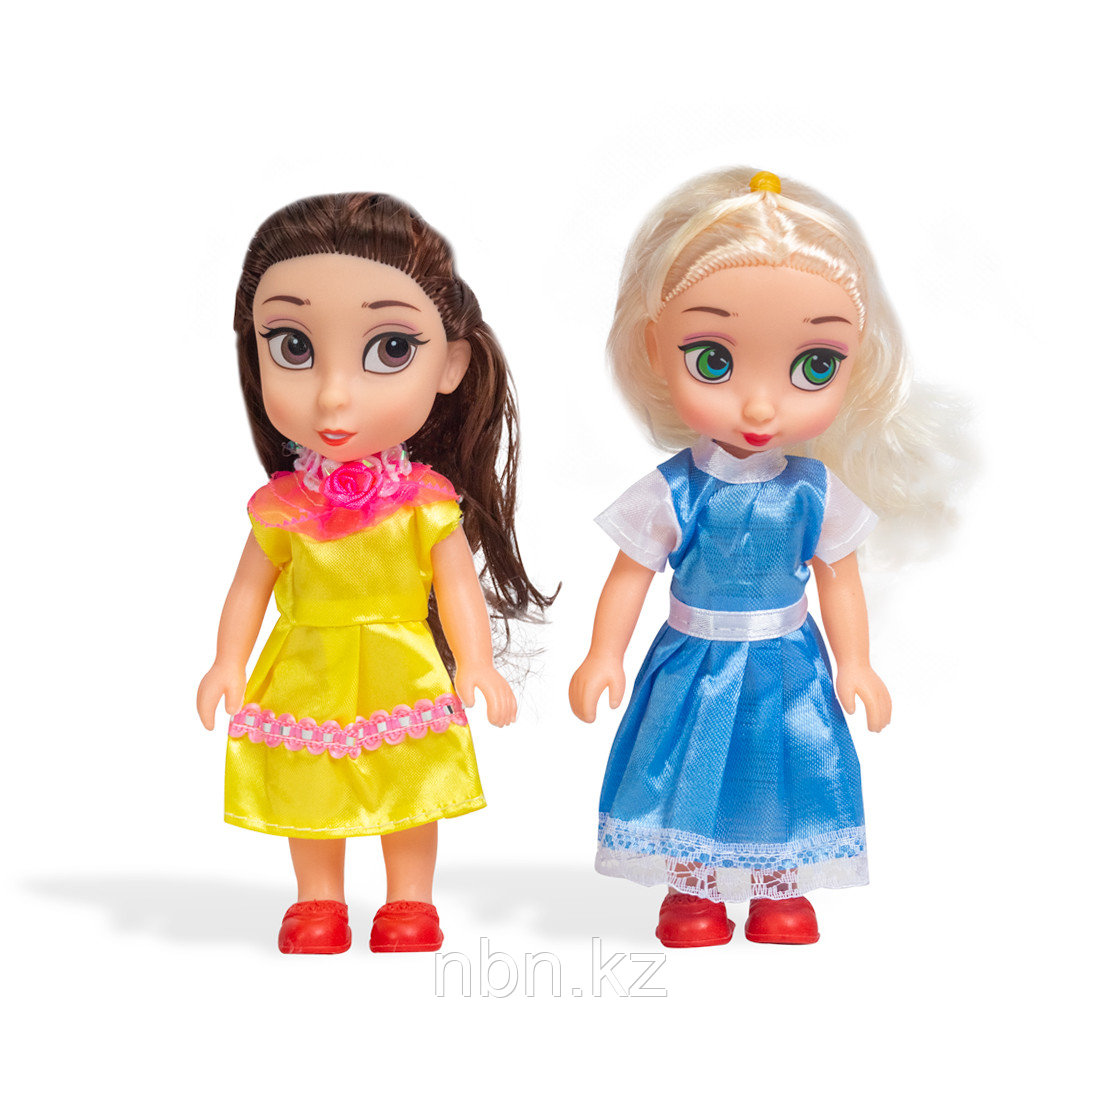 Набор мини-кукол Lily 8229